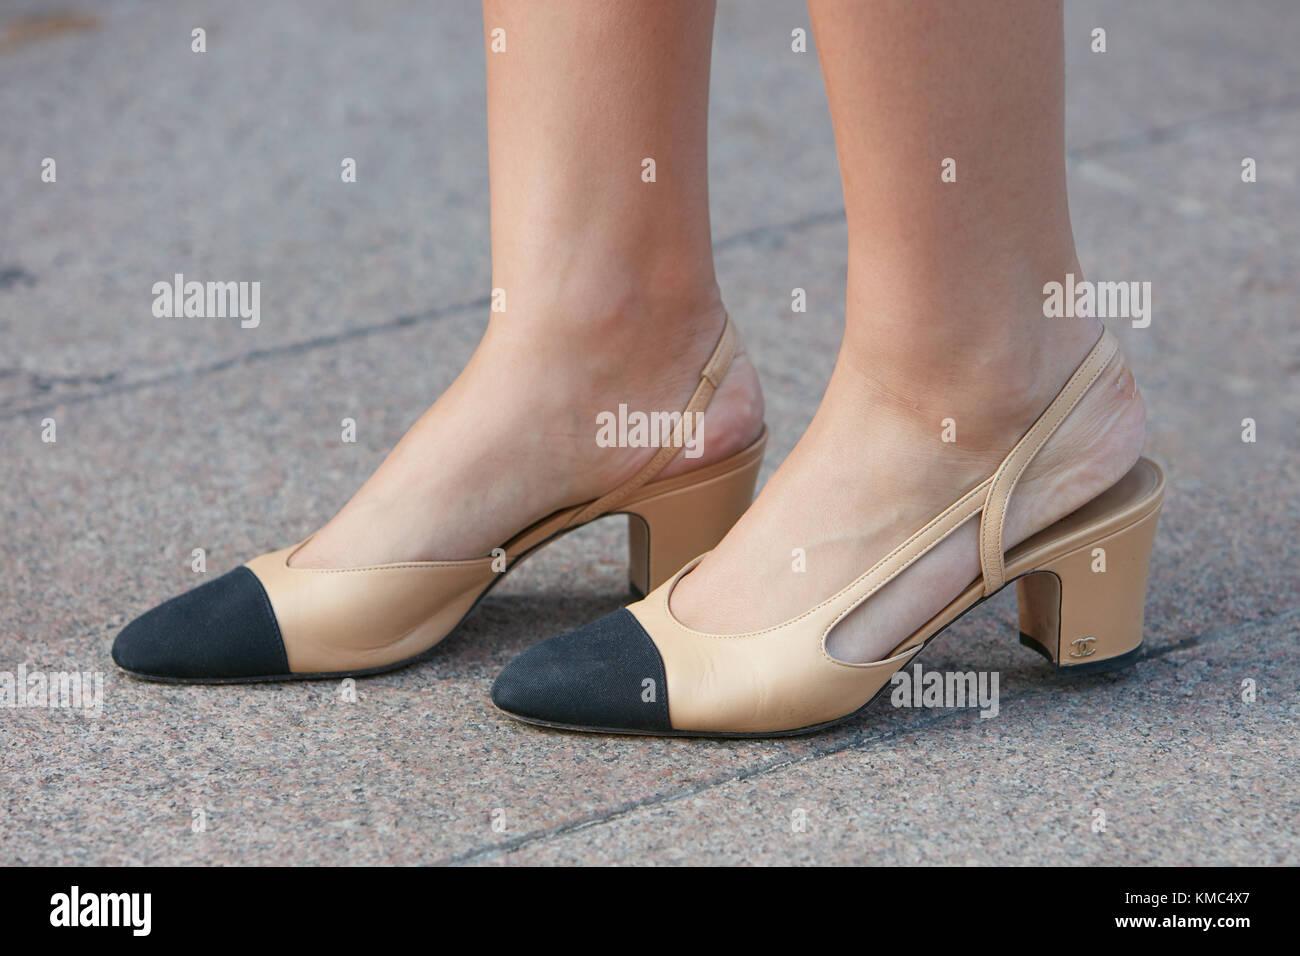 new style d498a 9ee95 Mailand - 23. September: Frau mit Chanel beige Leder Schuhe ...